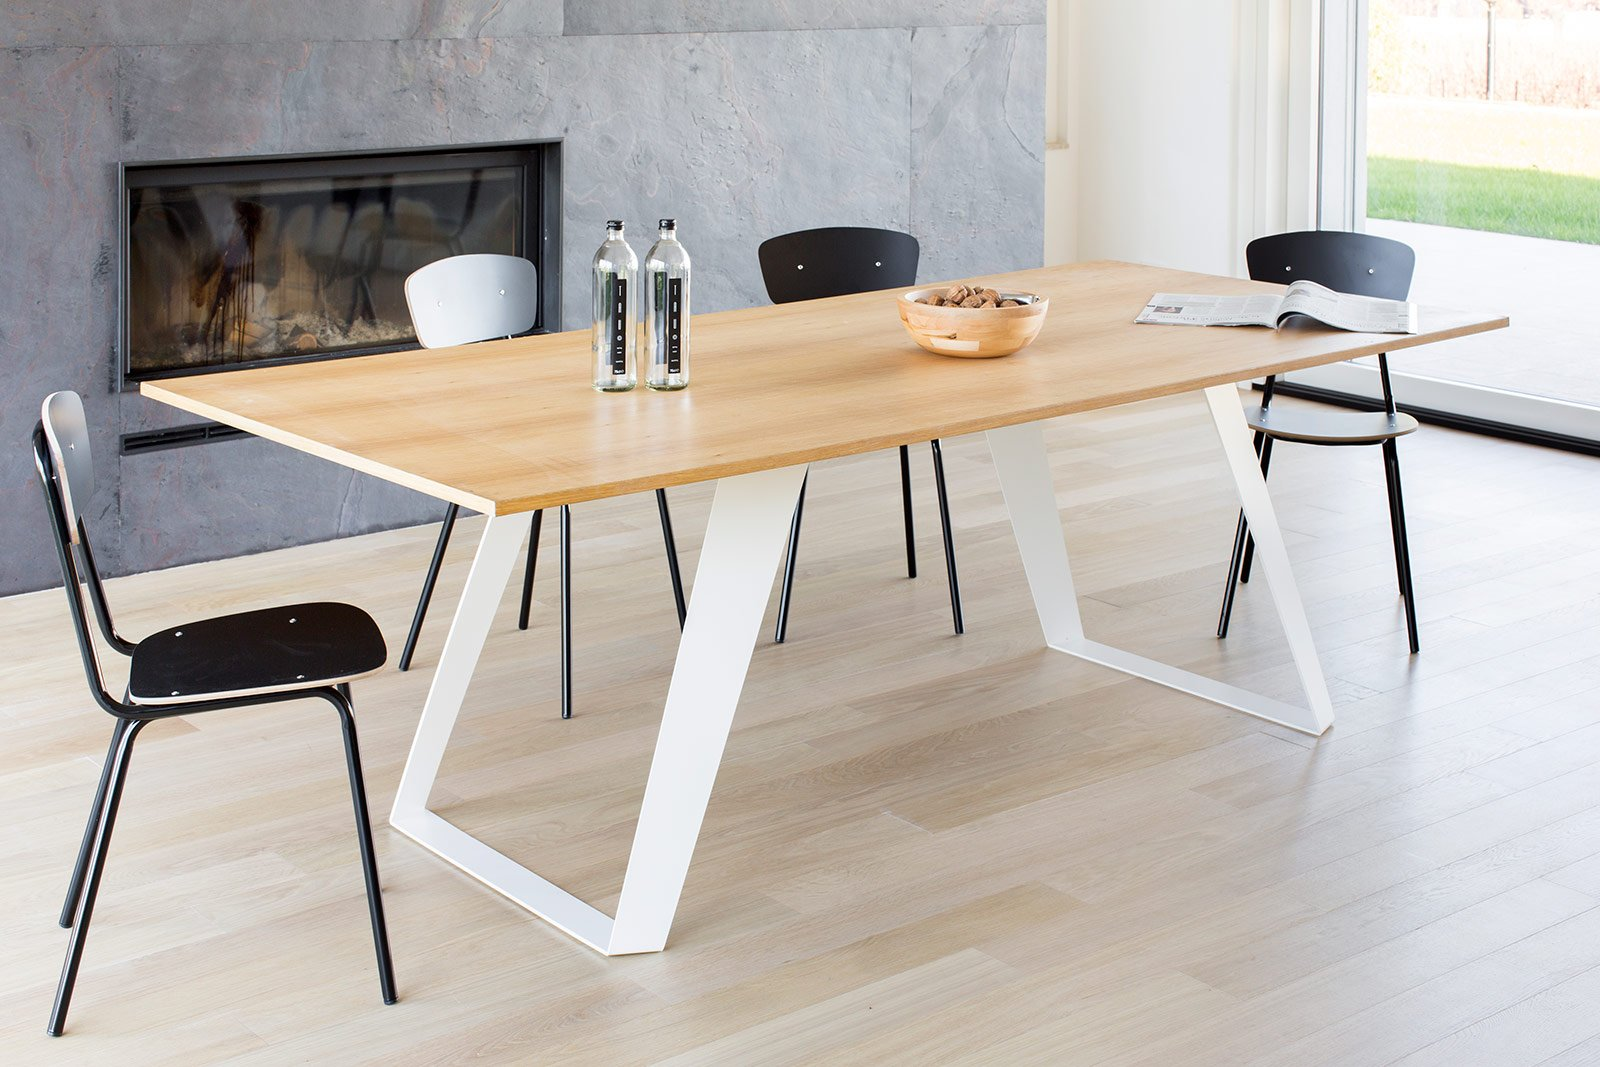 Tavoli in legno le novit cose di casa - Tavoli ikea legno ...